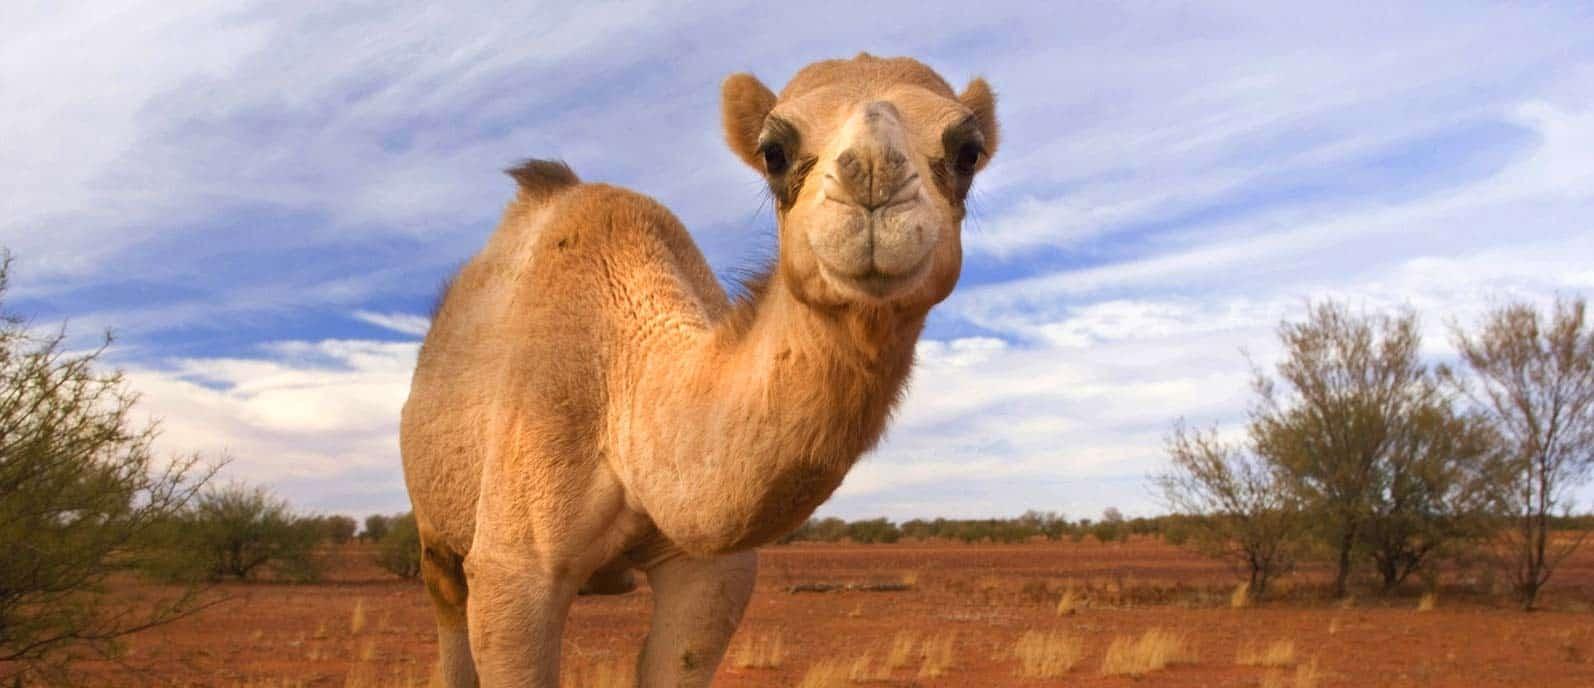 Australian Camel in Outback